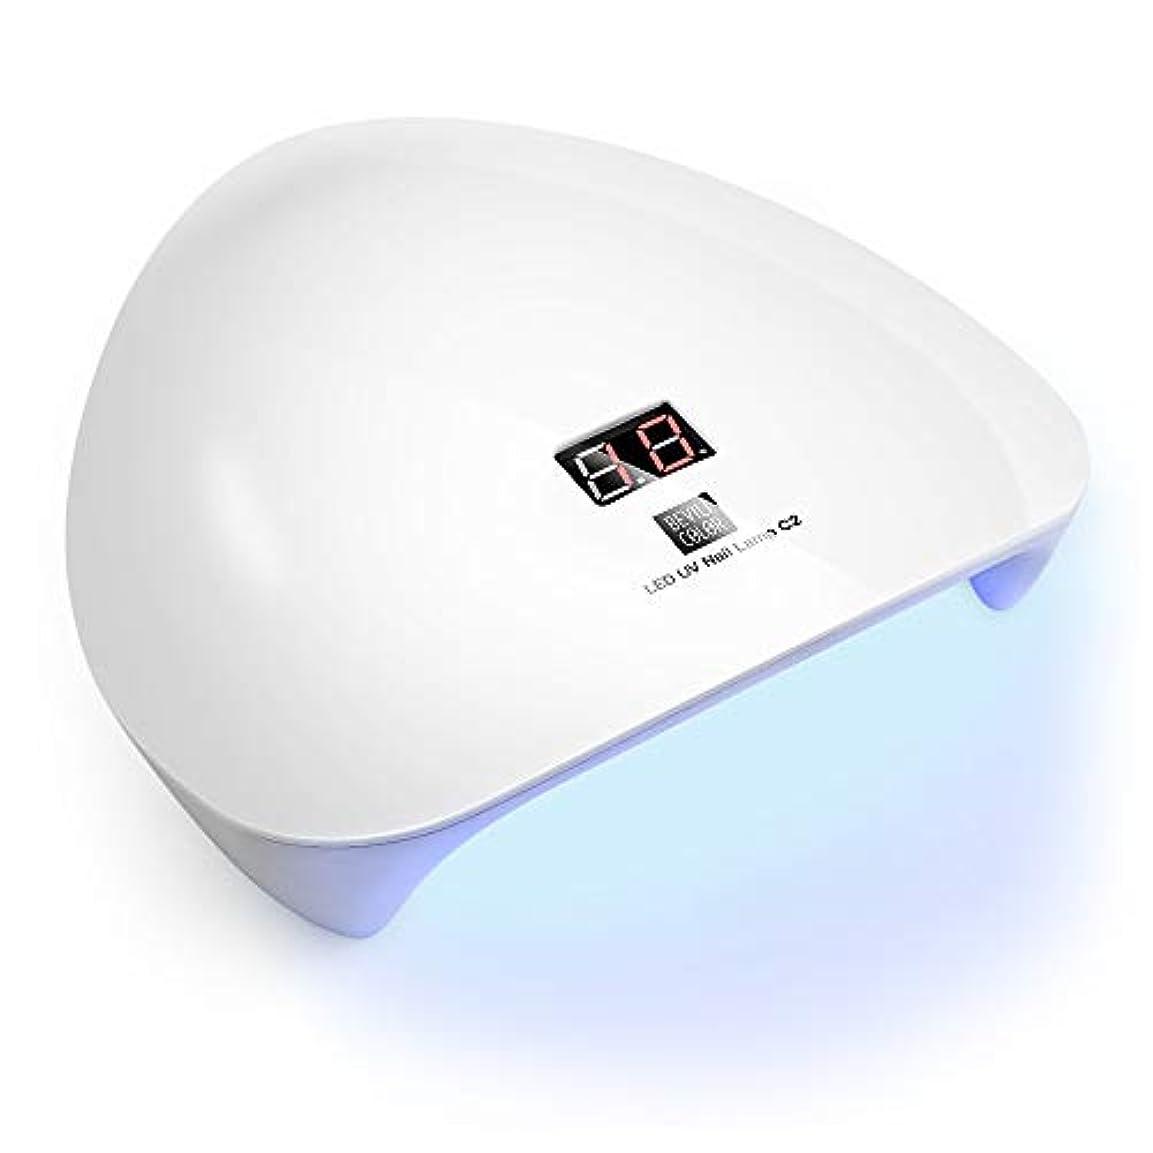 障害スクラブ足WEVILI ネイル硬化用ライト UVライト LEDライト UVライトネイルドライヤー マニキュア用 LED ネイルドライヤー タイマー機能 自動センサー機能 レジン 便利 (45W 硬化用UVライト)